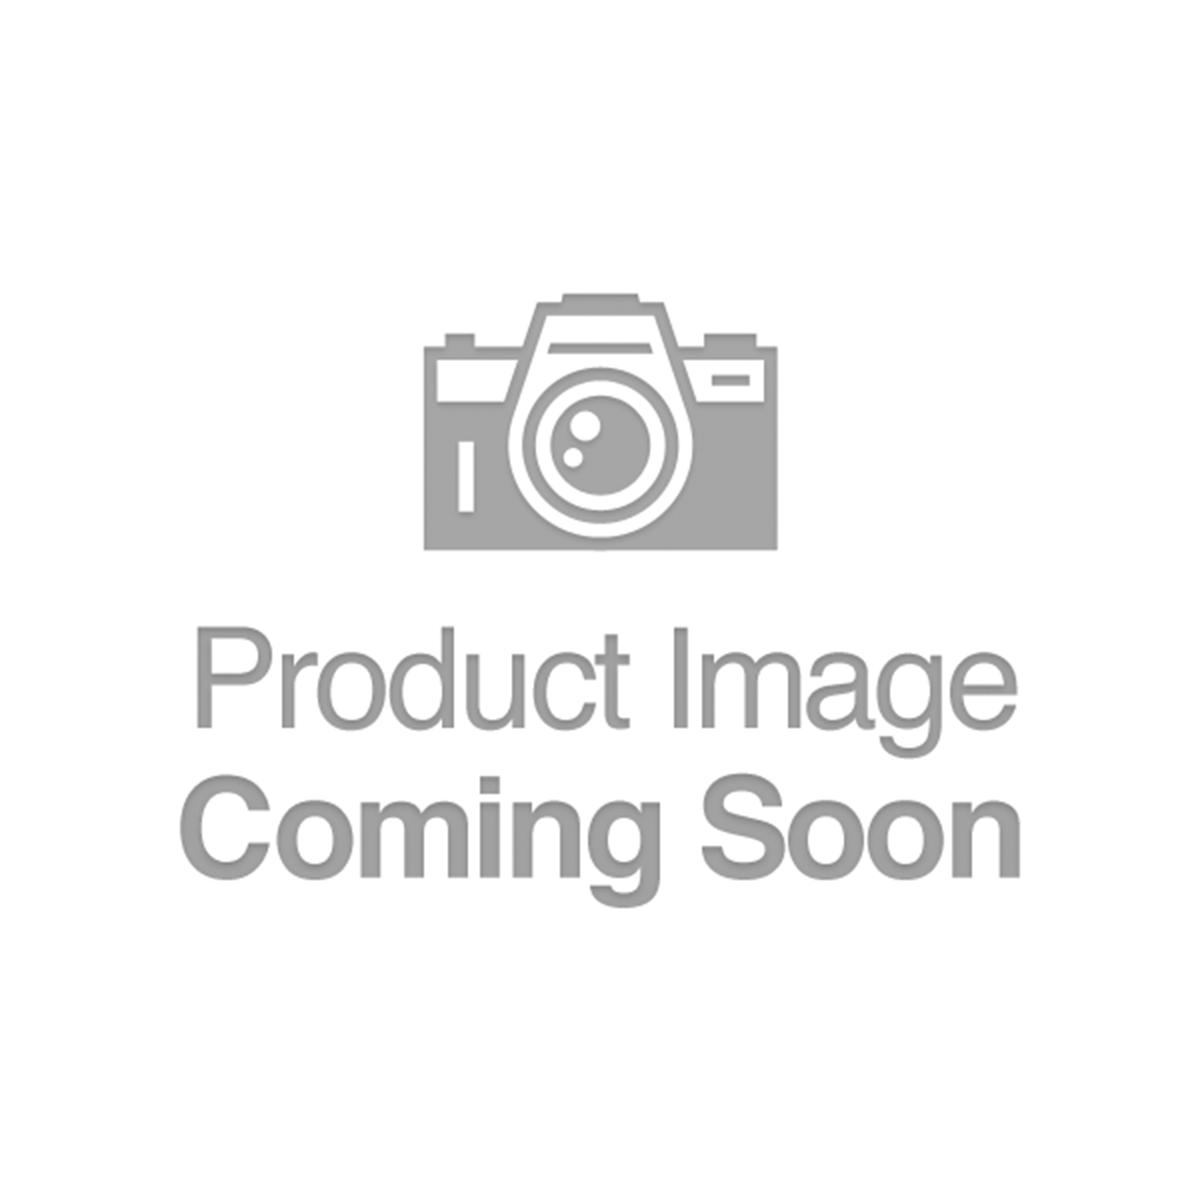 Portsmouth - Virginia - CH 11381 - FR 658 - VF+